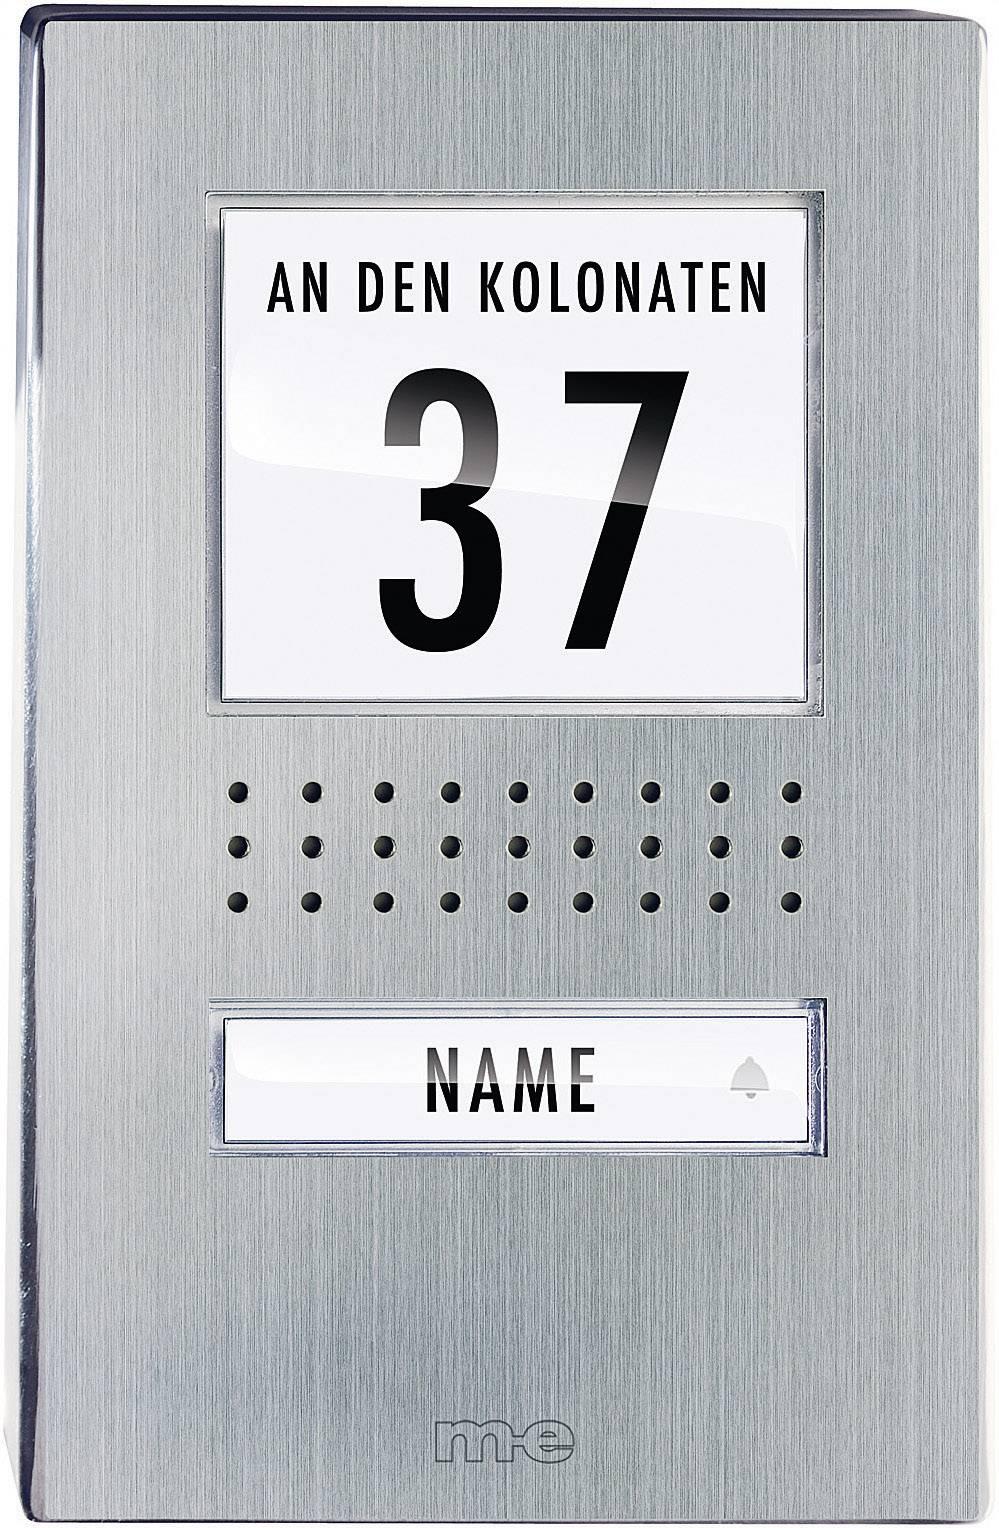 Káblový dverový telefón m-e modern-electronics ADV 110.1 EG ADV 110.1 EG, nerezová oceľ